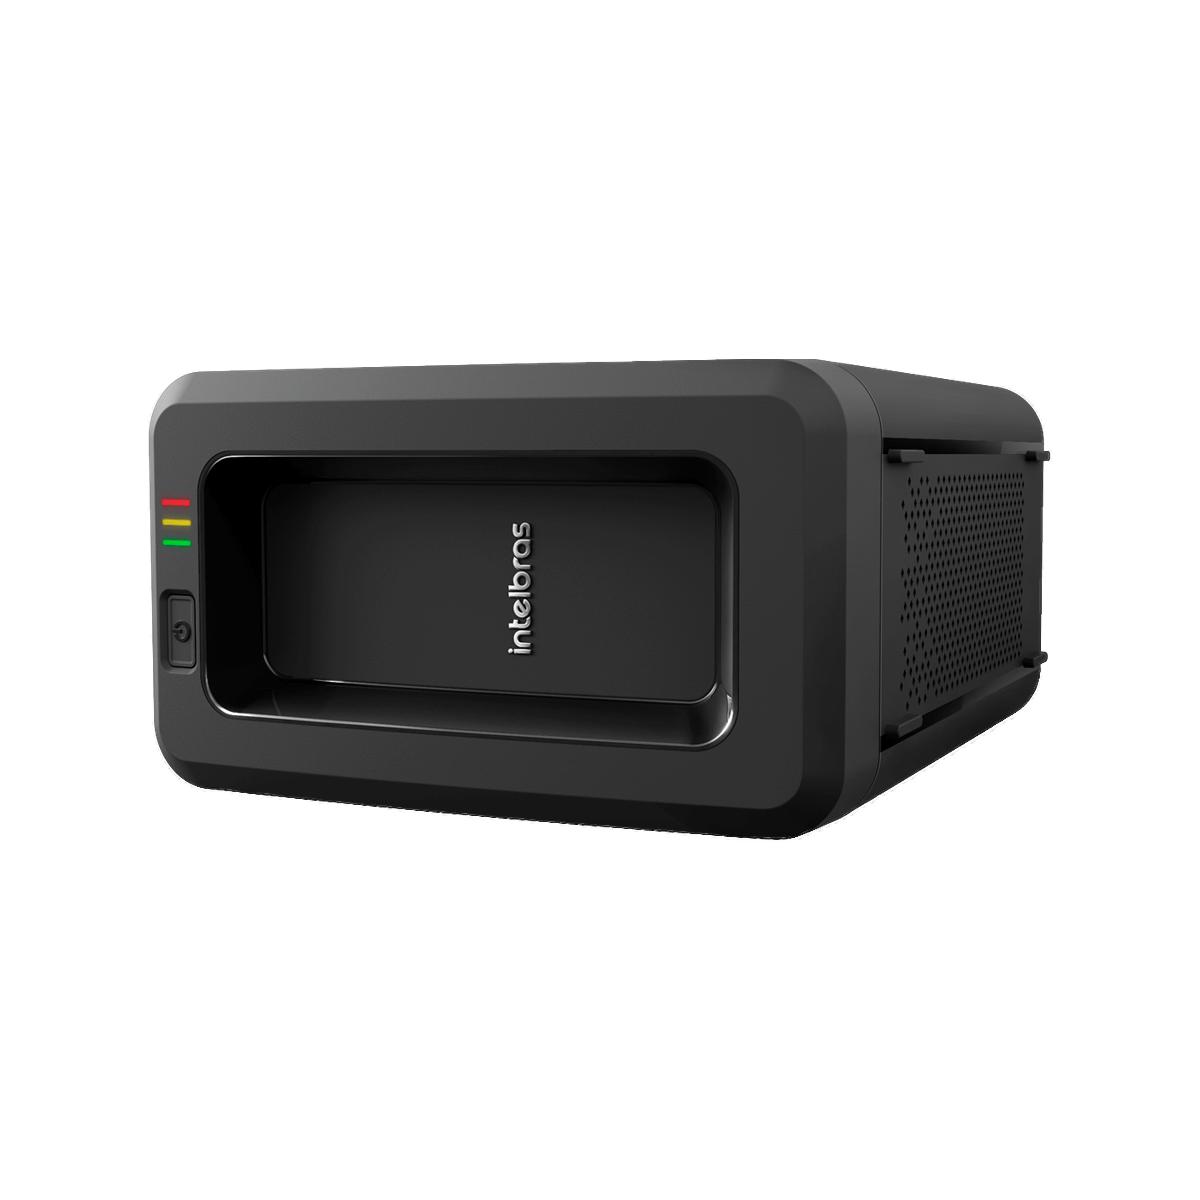 Nobreak Intelbras Interativo Monovolt ATTIV 600 VA